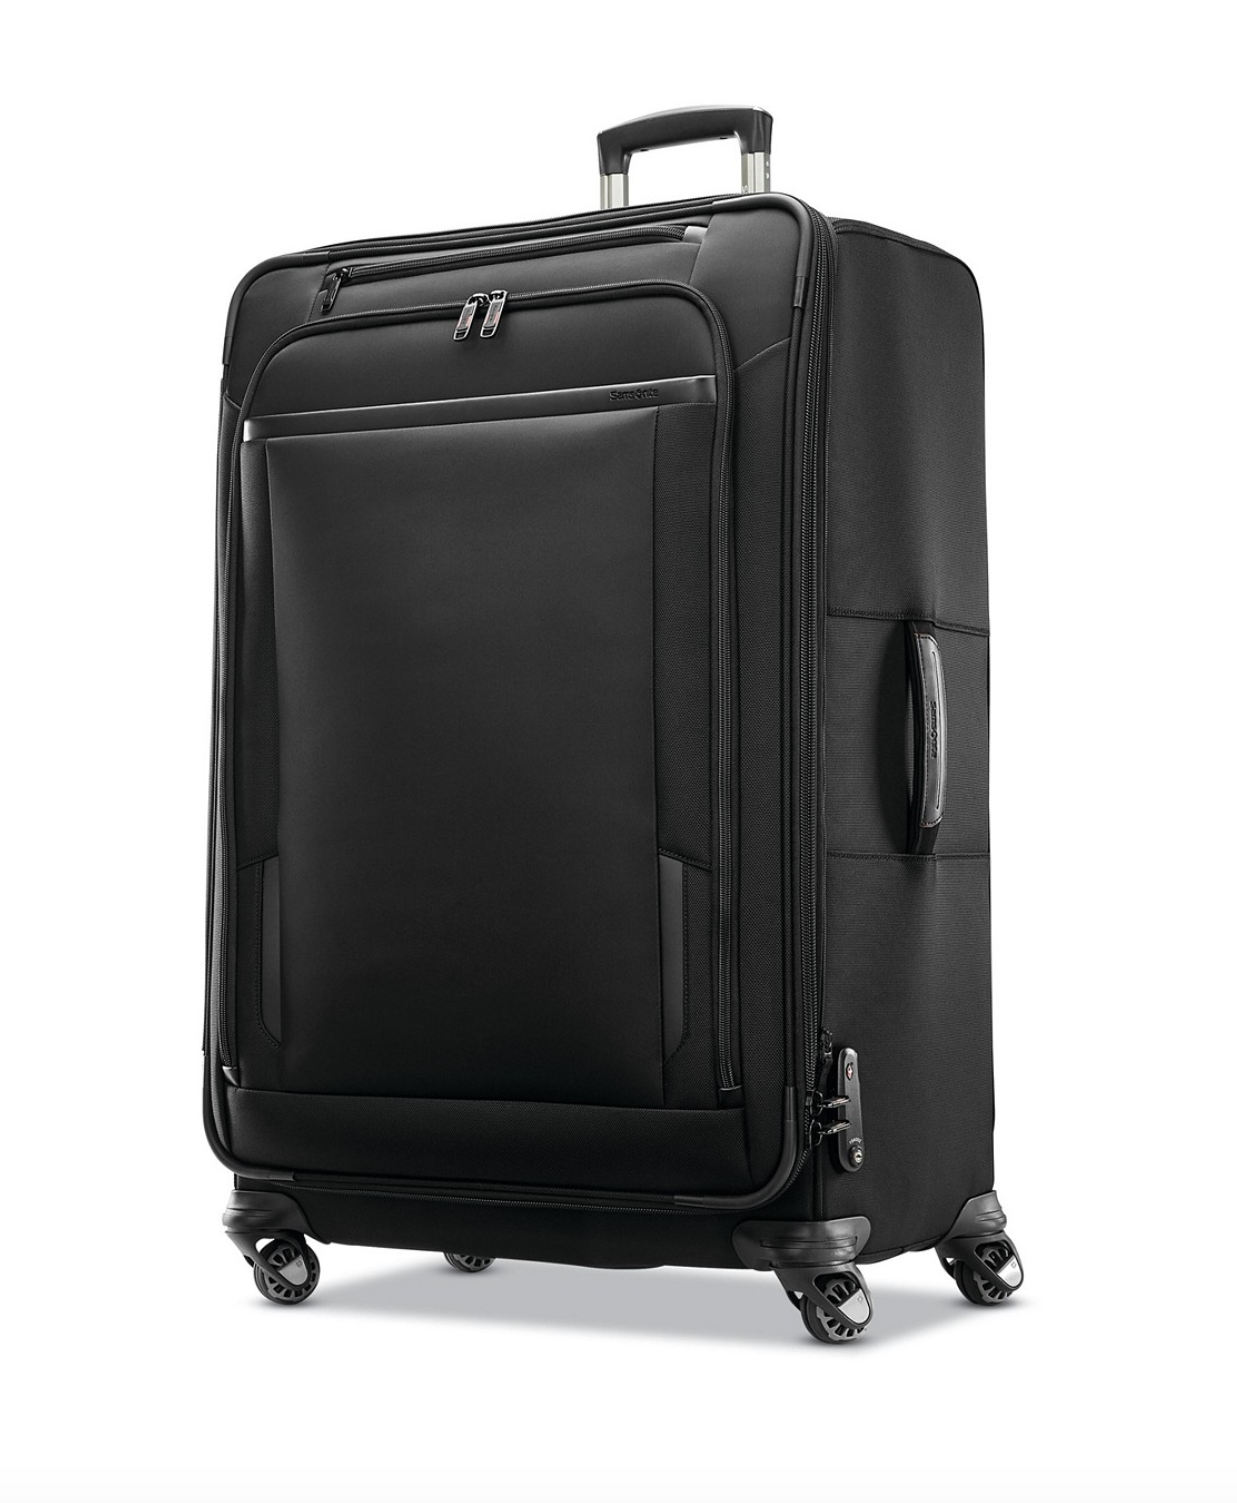 Samsonite Pro travel 29-inch expandable spinner